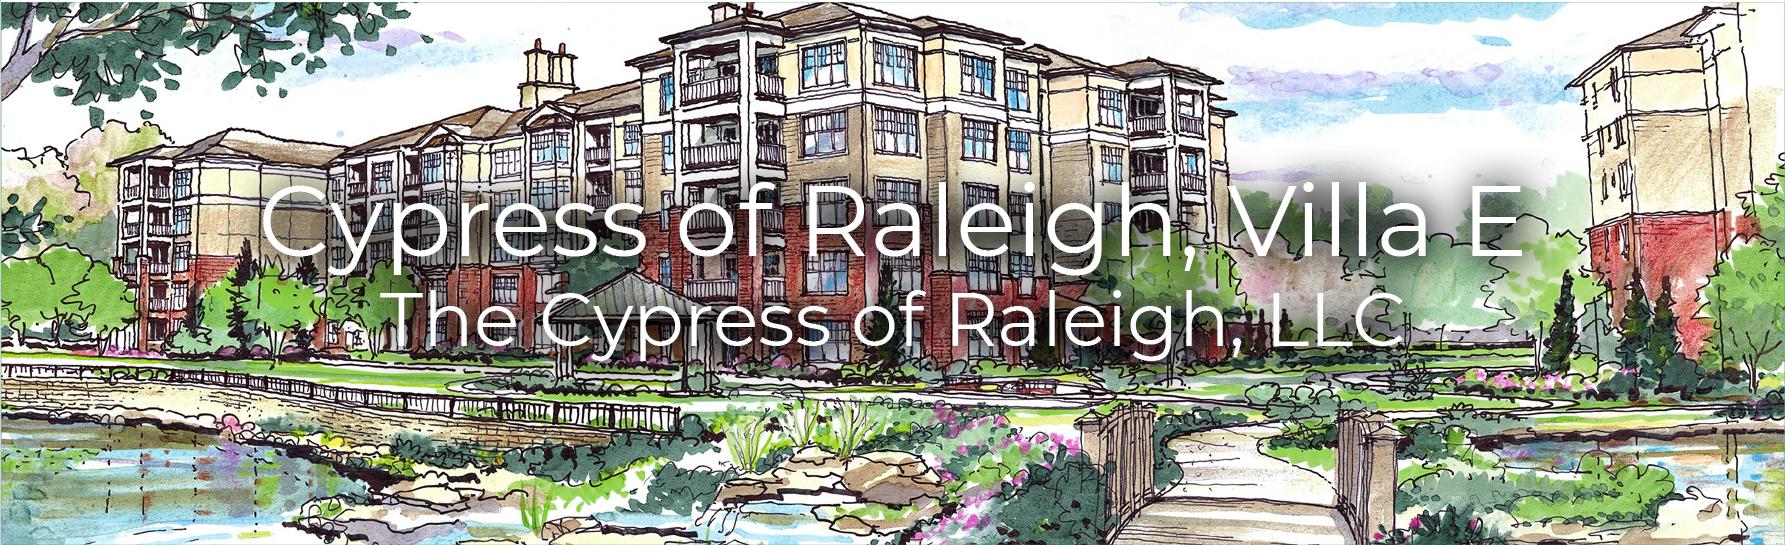 Cypress of Raleigh, Villa E